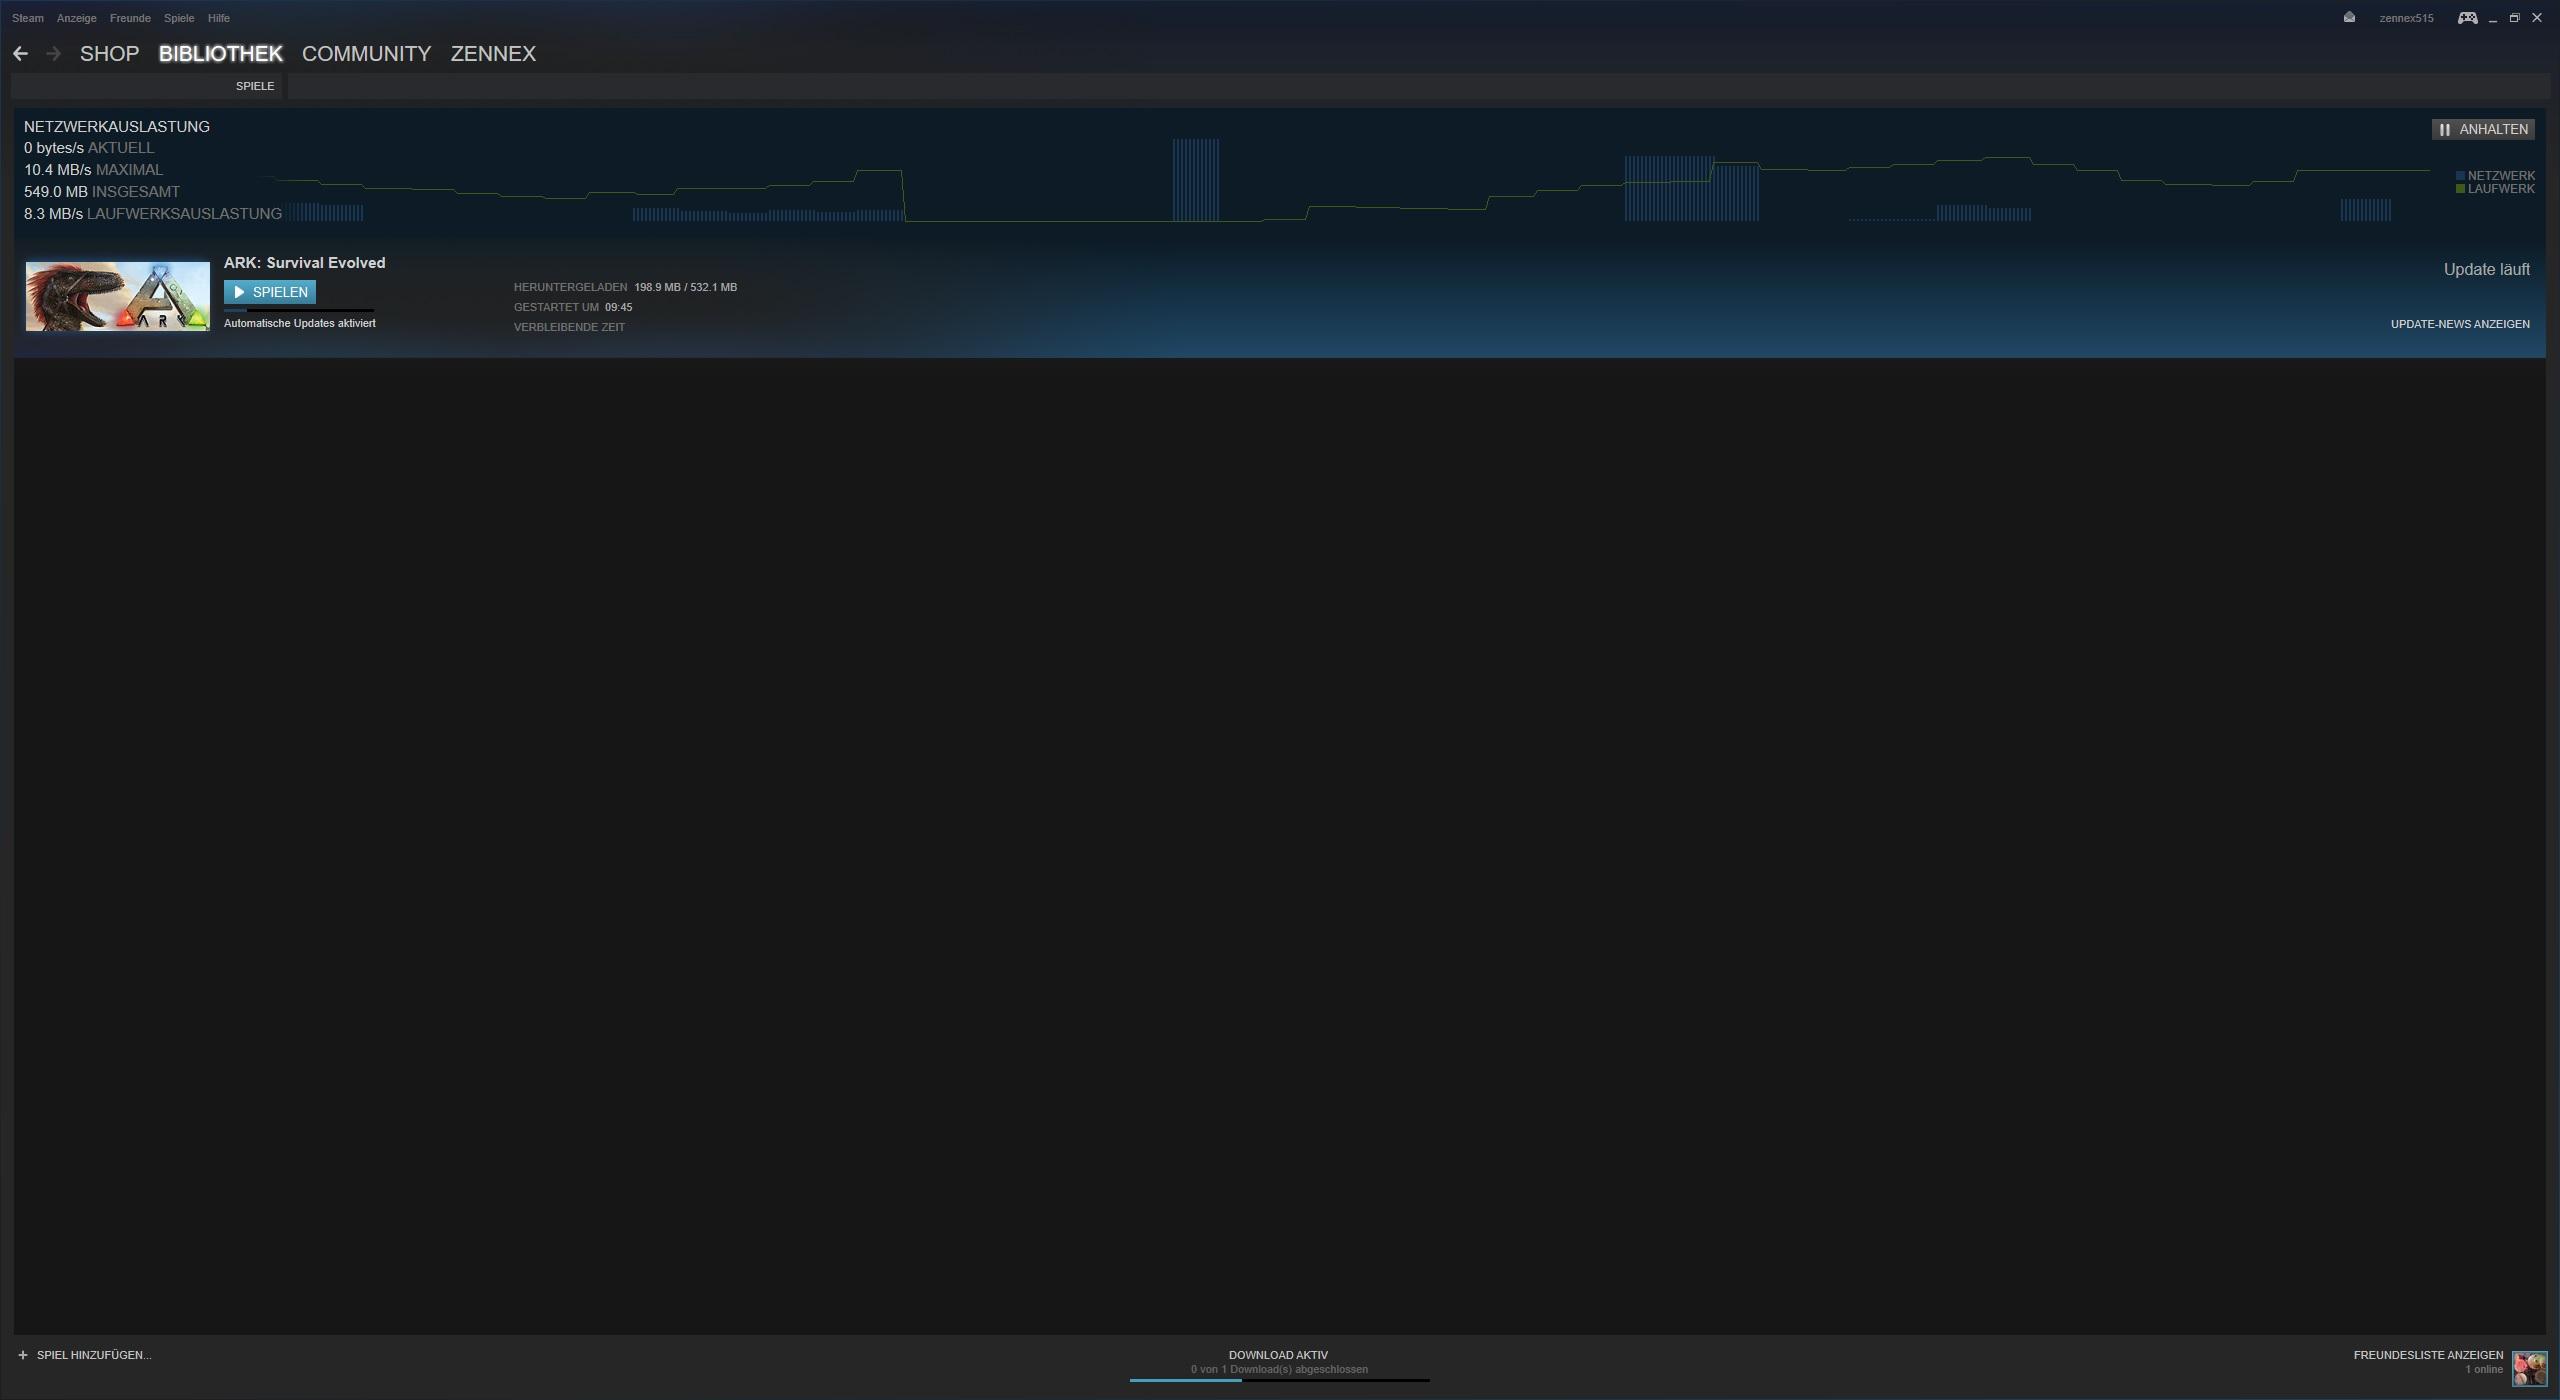 Steam Download Sehr Langsam